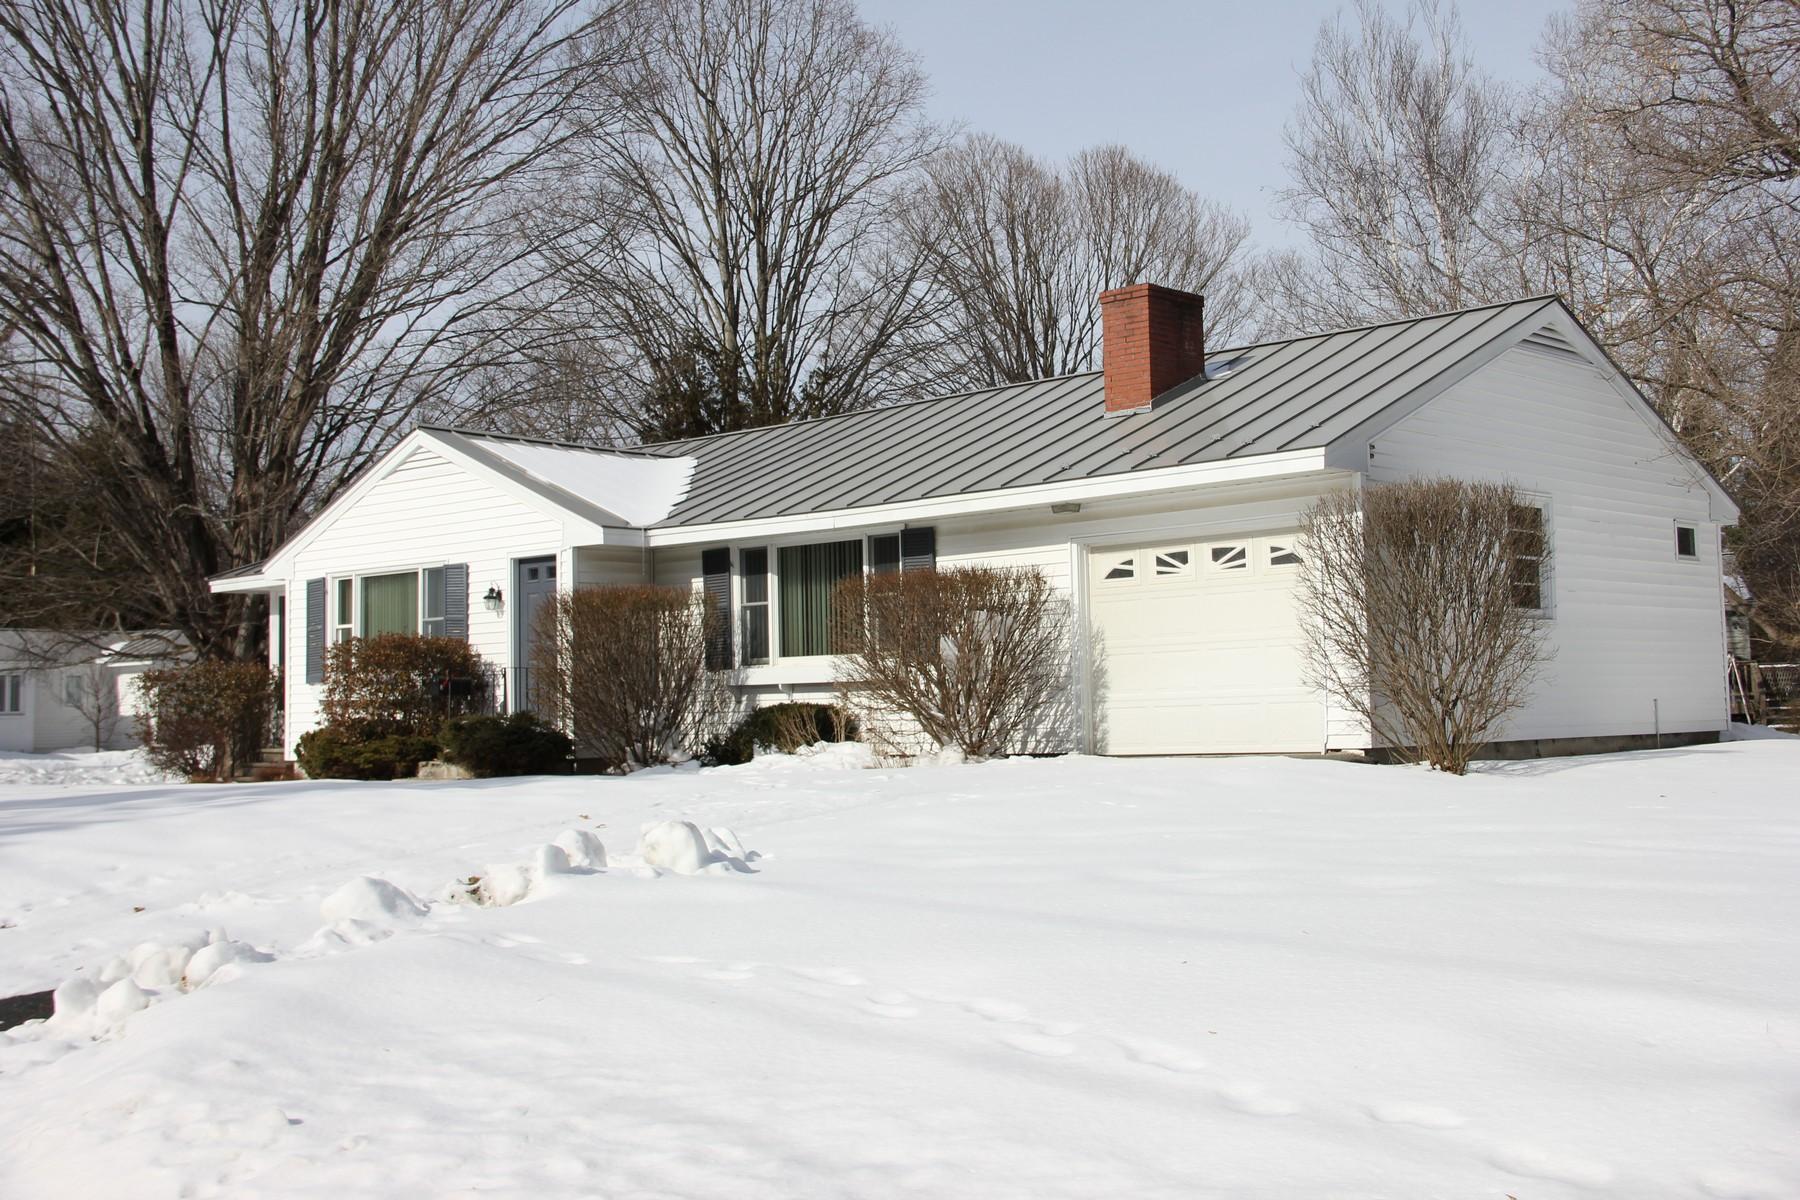 Maison unifamiliale pour l Vente à 6 Weatherby, Hanover Hanover, New Hampshire, 03755 États-Unis